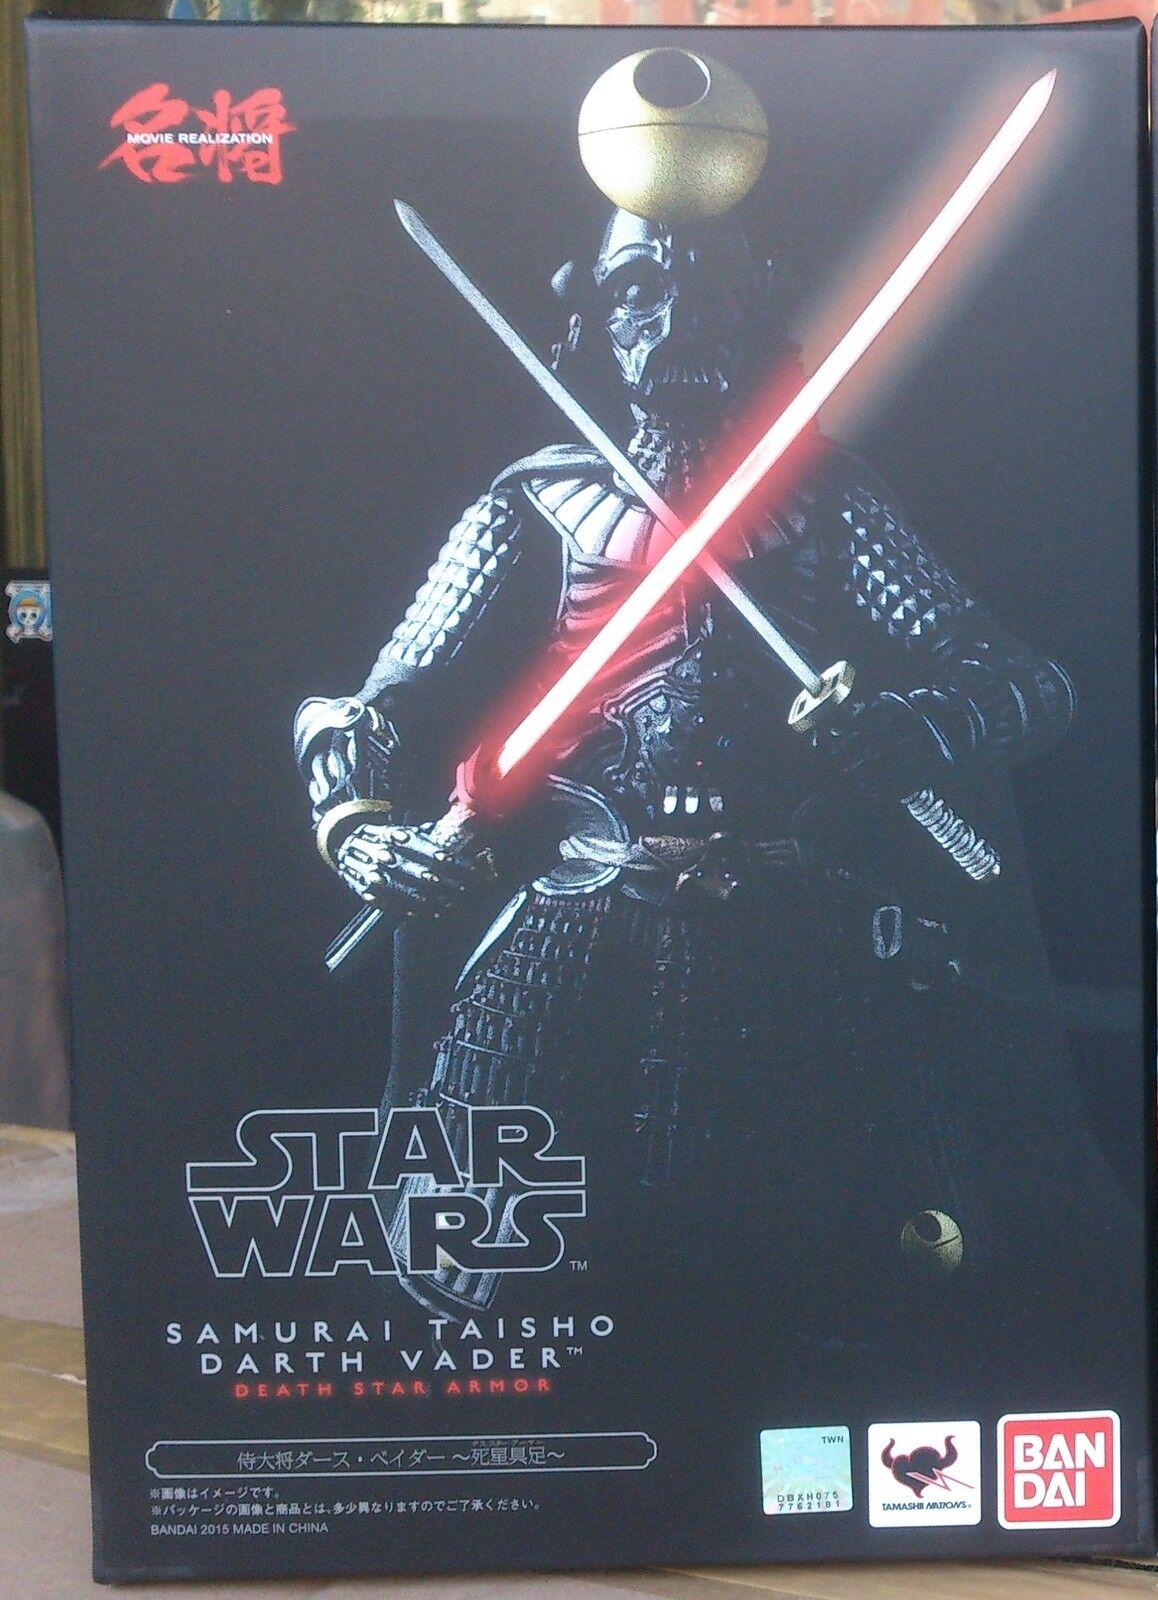 Meisho realización de películas Darth Vader Estrella Wars Samurai Taisho shiseigusoku